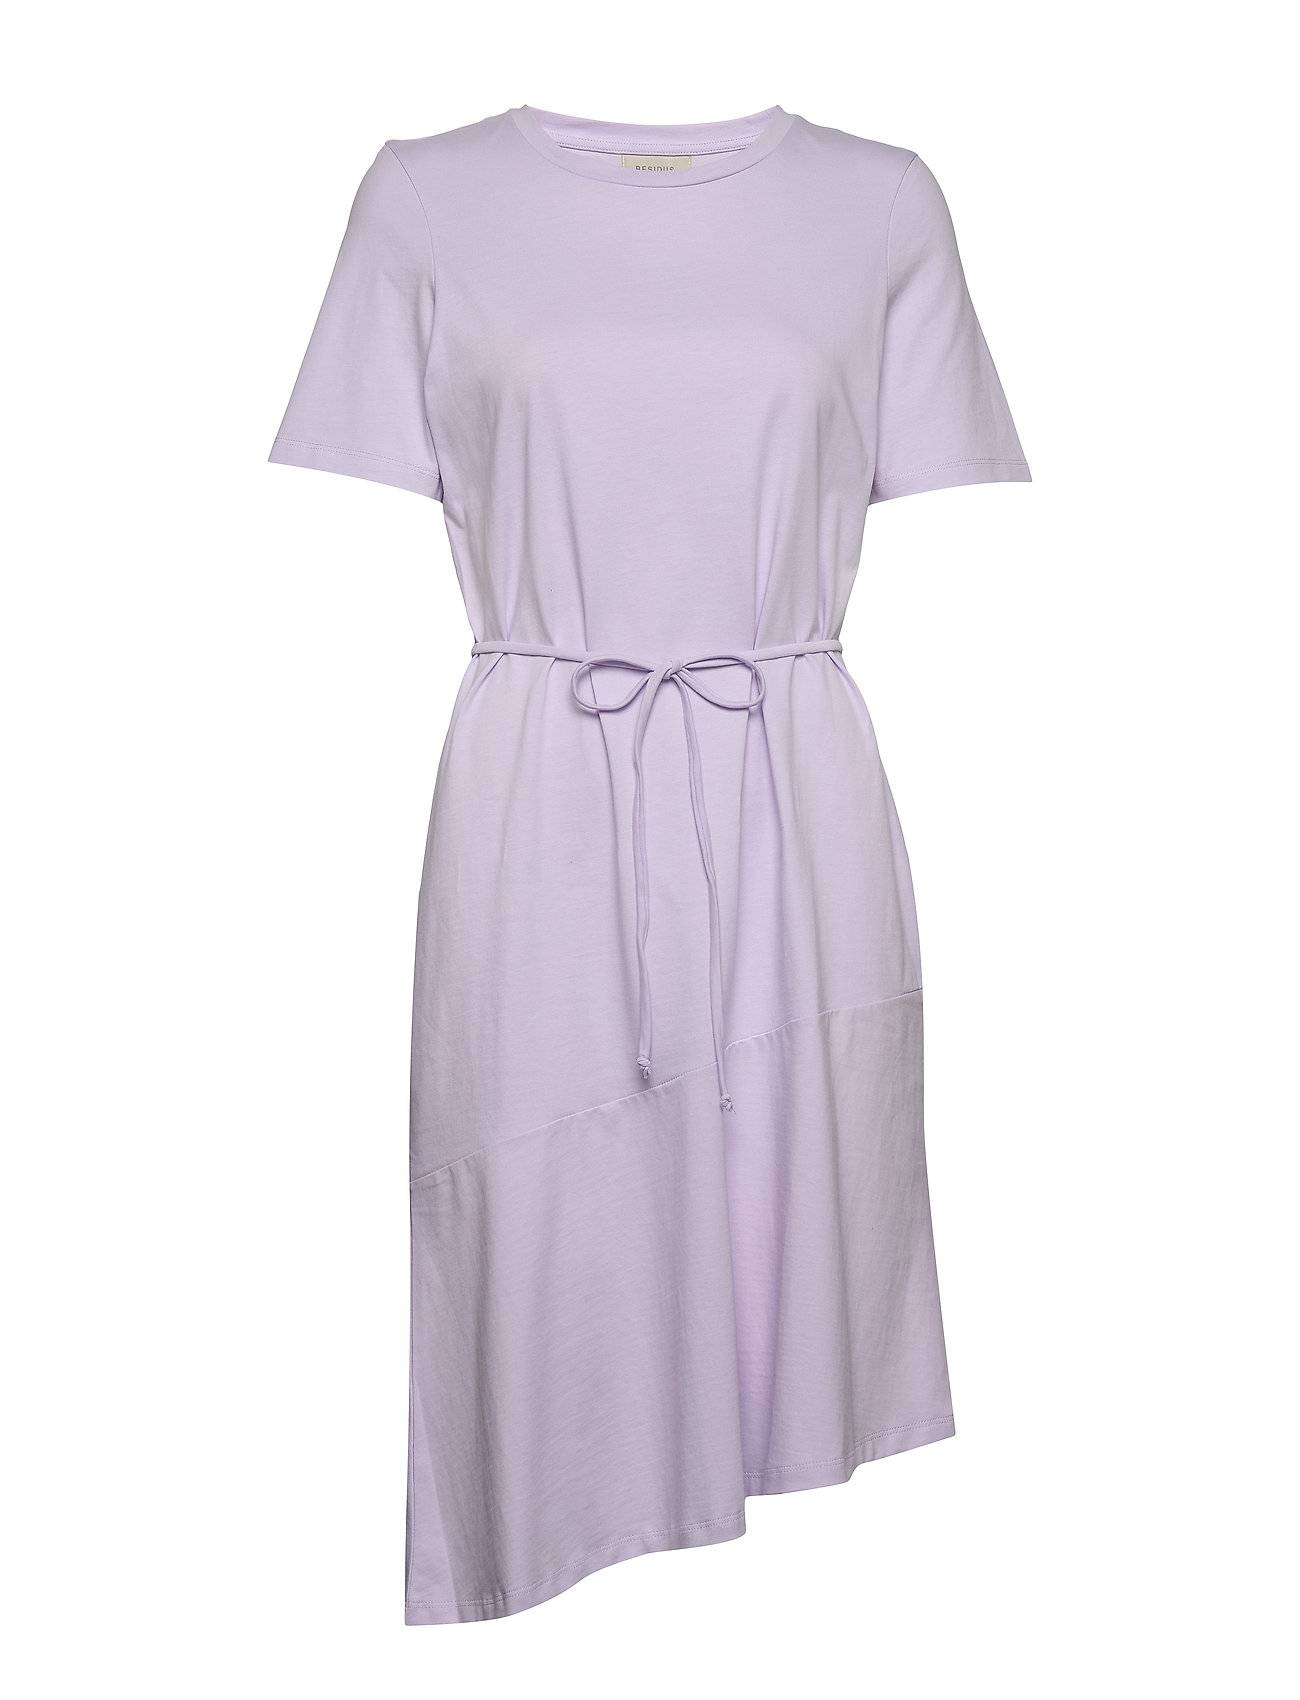 Residus Olivia Organic Cotton Tee Dress Polvipituinen Mekko Liila Residus